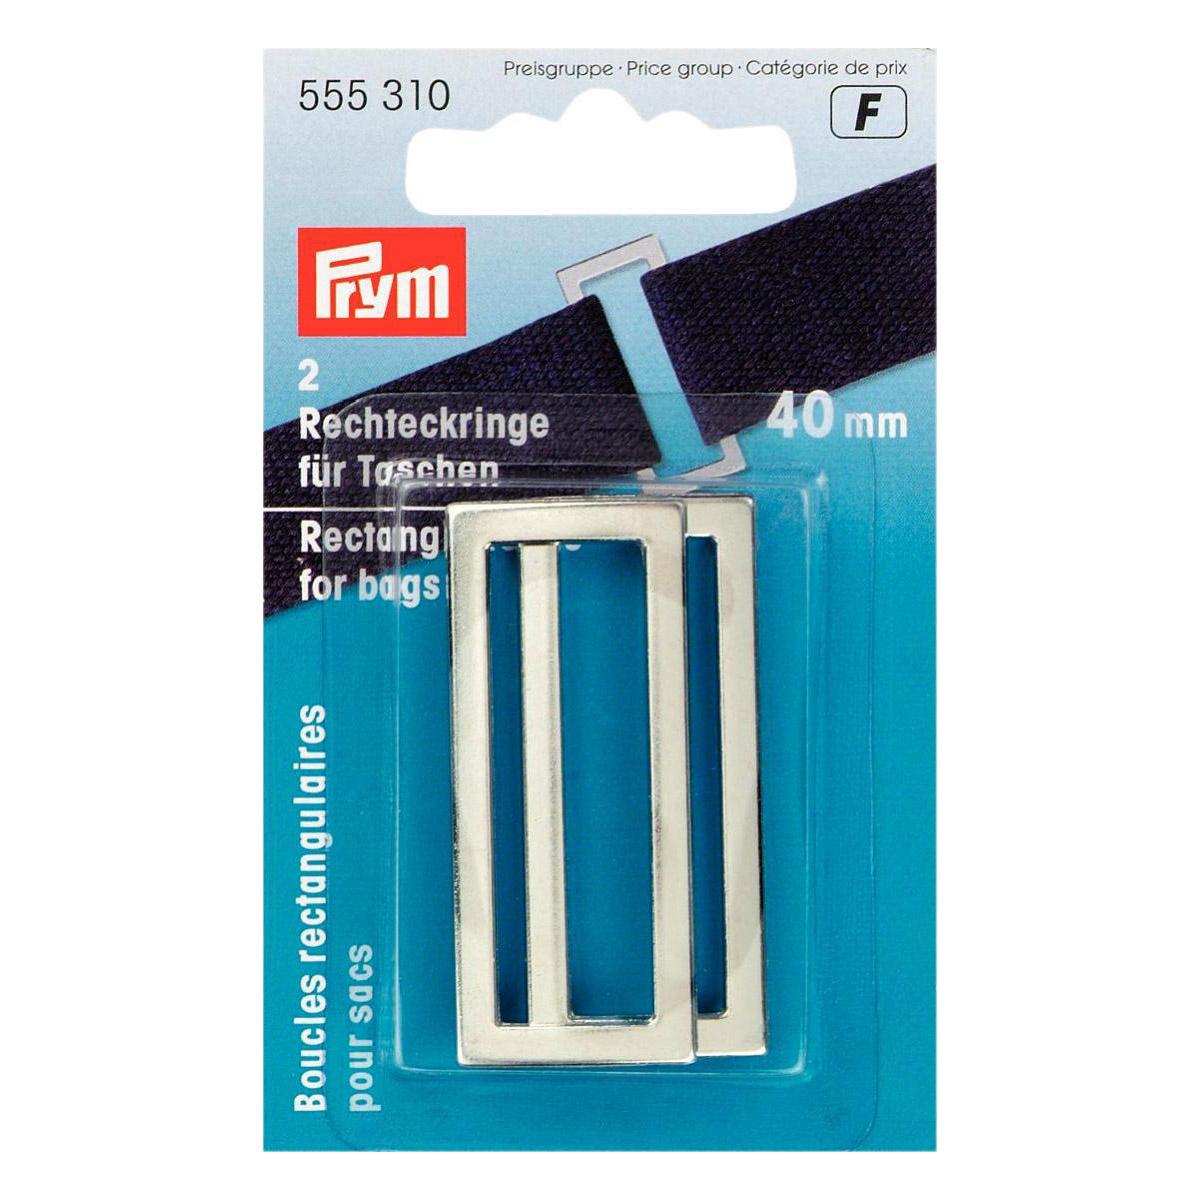 PRYM Rechteckringe 40mm silberfarbig